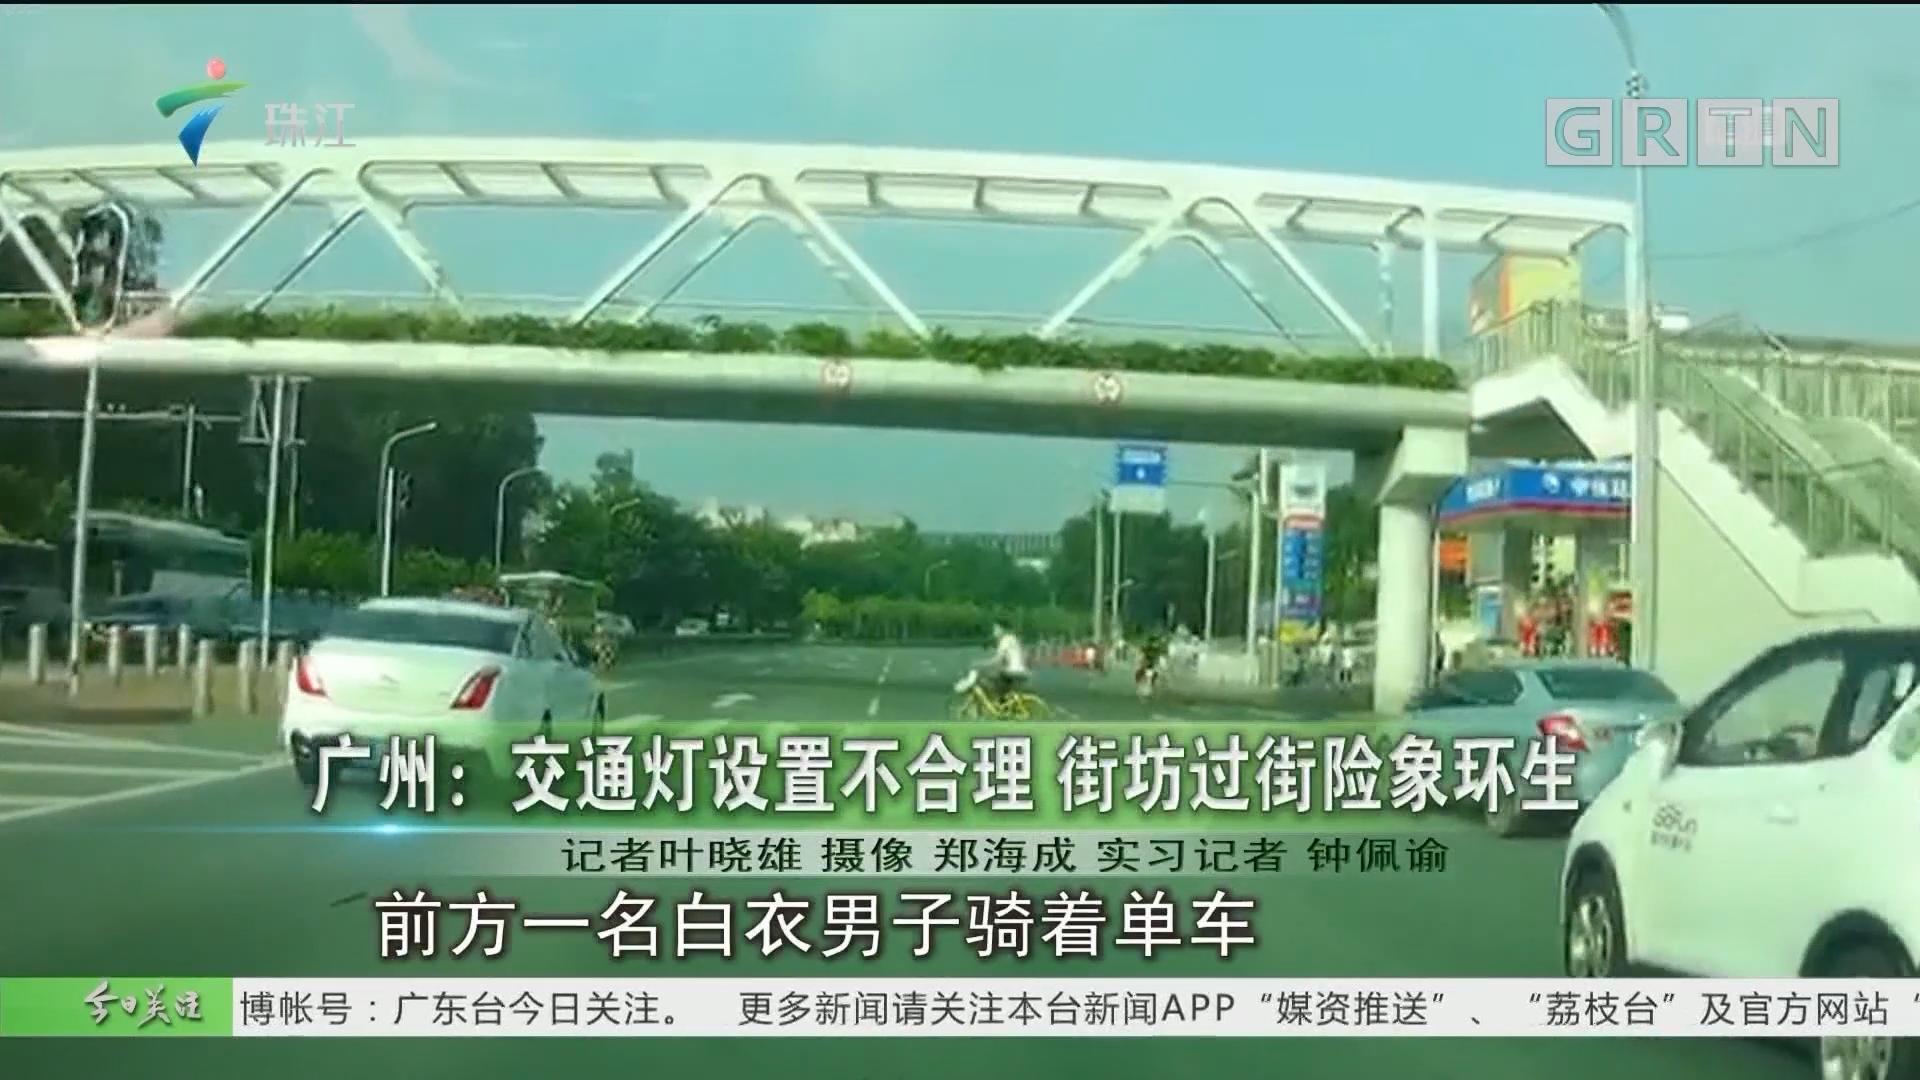 广州:交通灯设置不合理 街坊过街险象环生